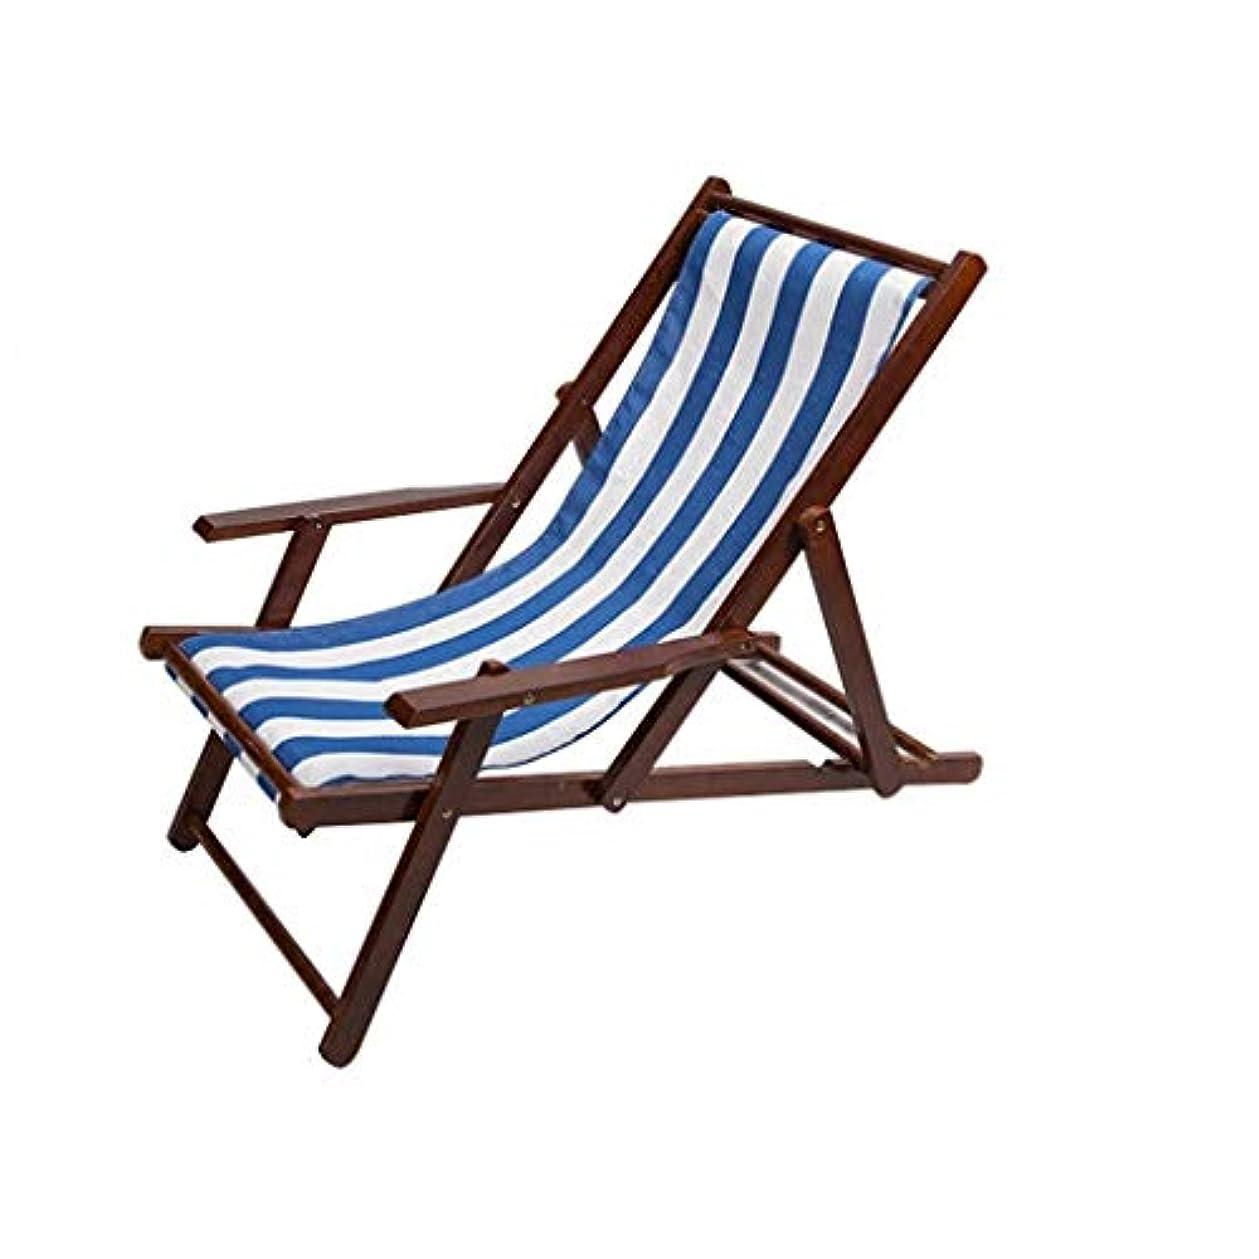 マニュアル偽善者経済的ロッキングチェア 木製の折りたたみレジャー枕を持つレイジーデッキチェア調節可能なキャンプ用ビーチガーデンバルコニーベッドルームの負荷容量80kg(多色) (色 : #1)